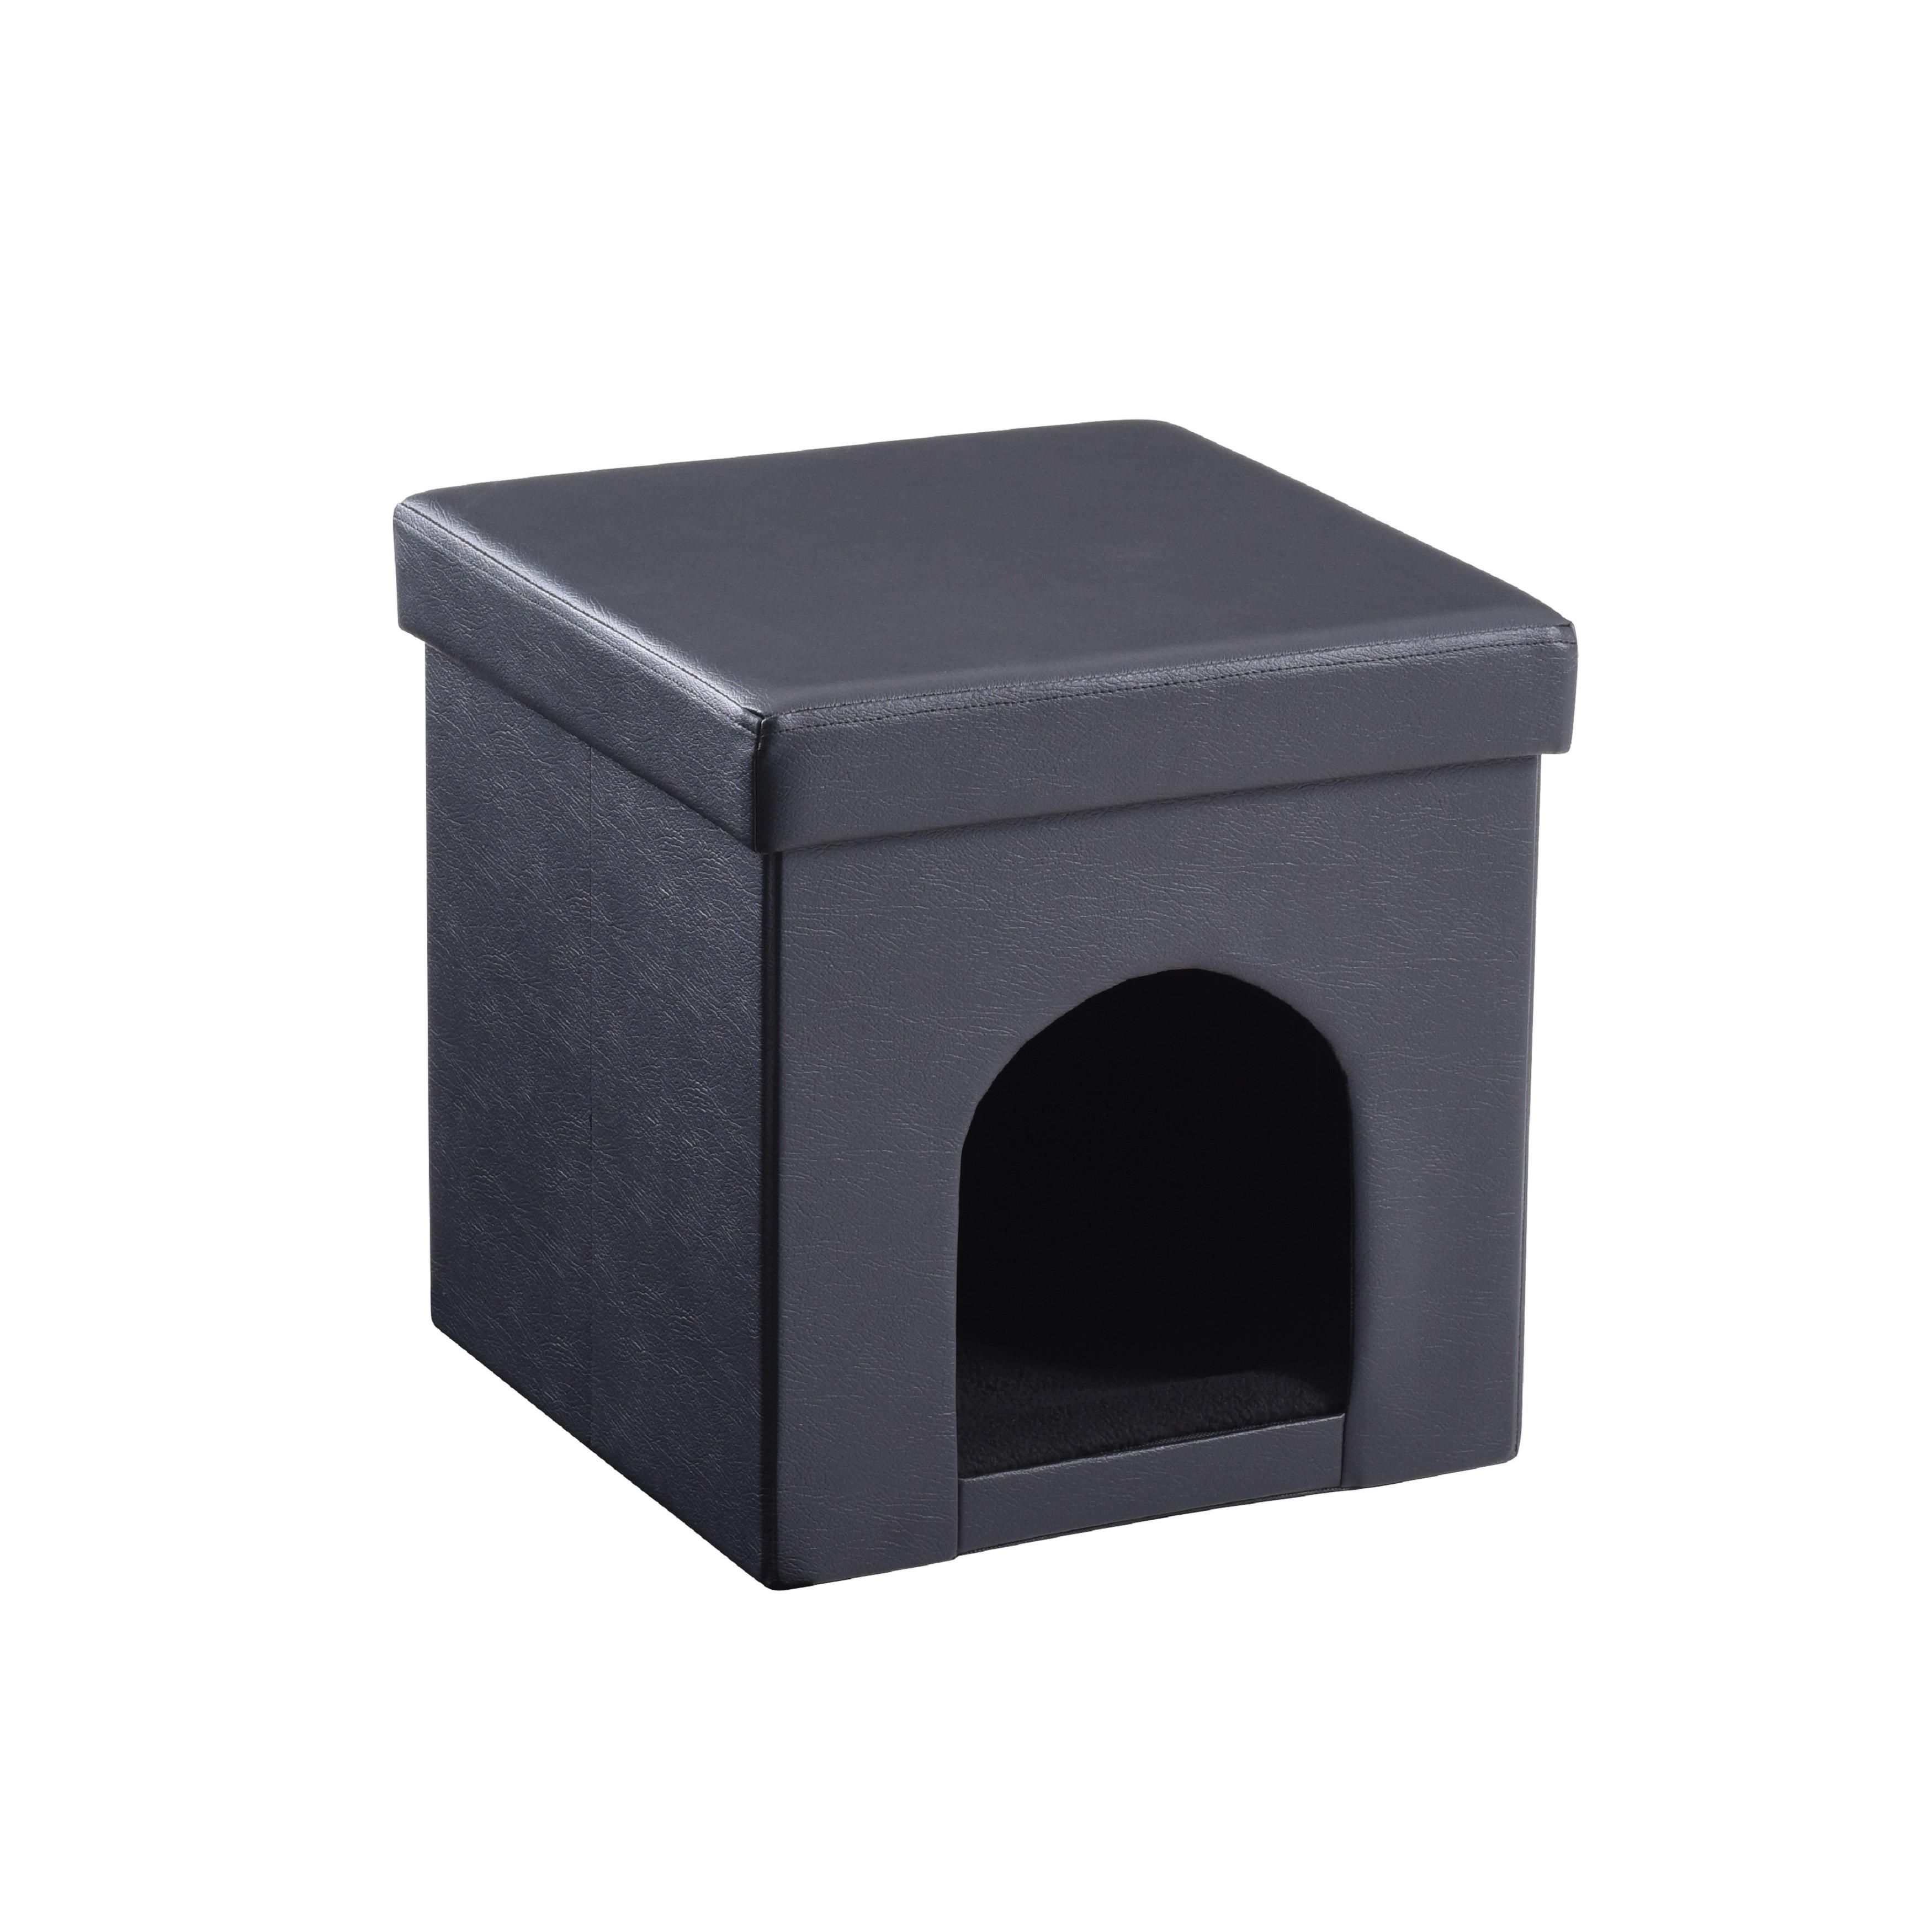 Hodedah Foldable Storage Pet Ottoman (Black), Size Medium...